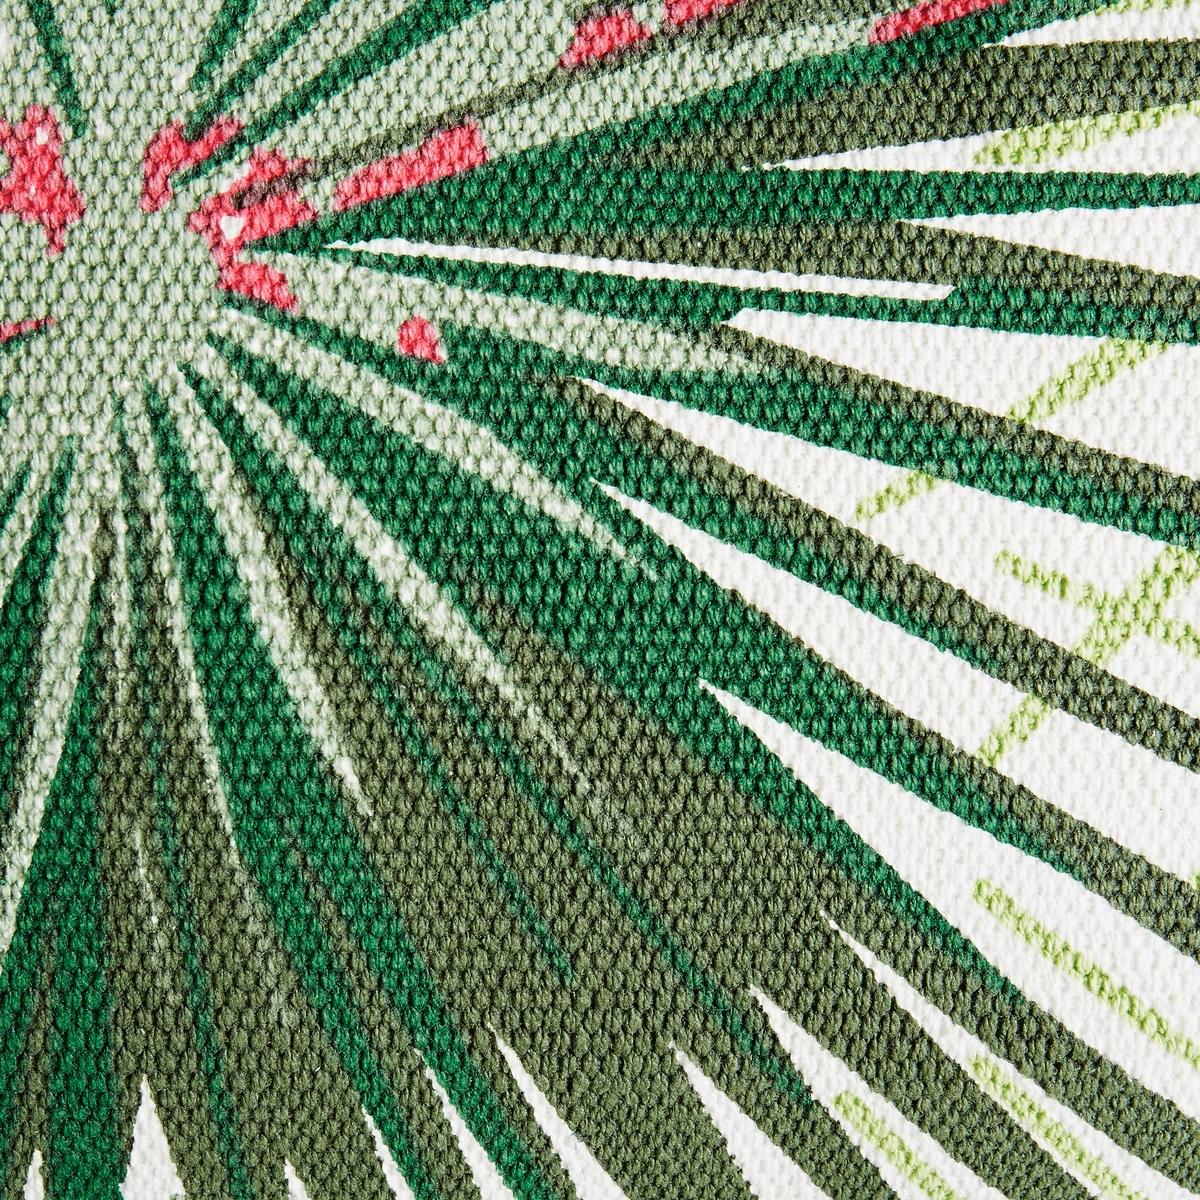 Чехол на подушку Saskia, прямоугольная модельЧехол на подушку с рисунком листья.Прямоугольная модель. Лицевая сторона с рисунком листья. Однотонная оборотная сторона.Отделка розовым кантом.100 % хлопка. Размеры:. 60 x 40 см.<br><br>Цвет: набивной рисунок